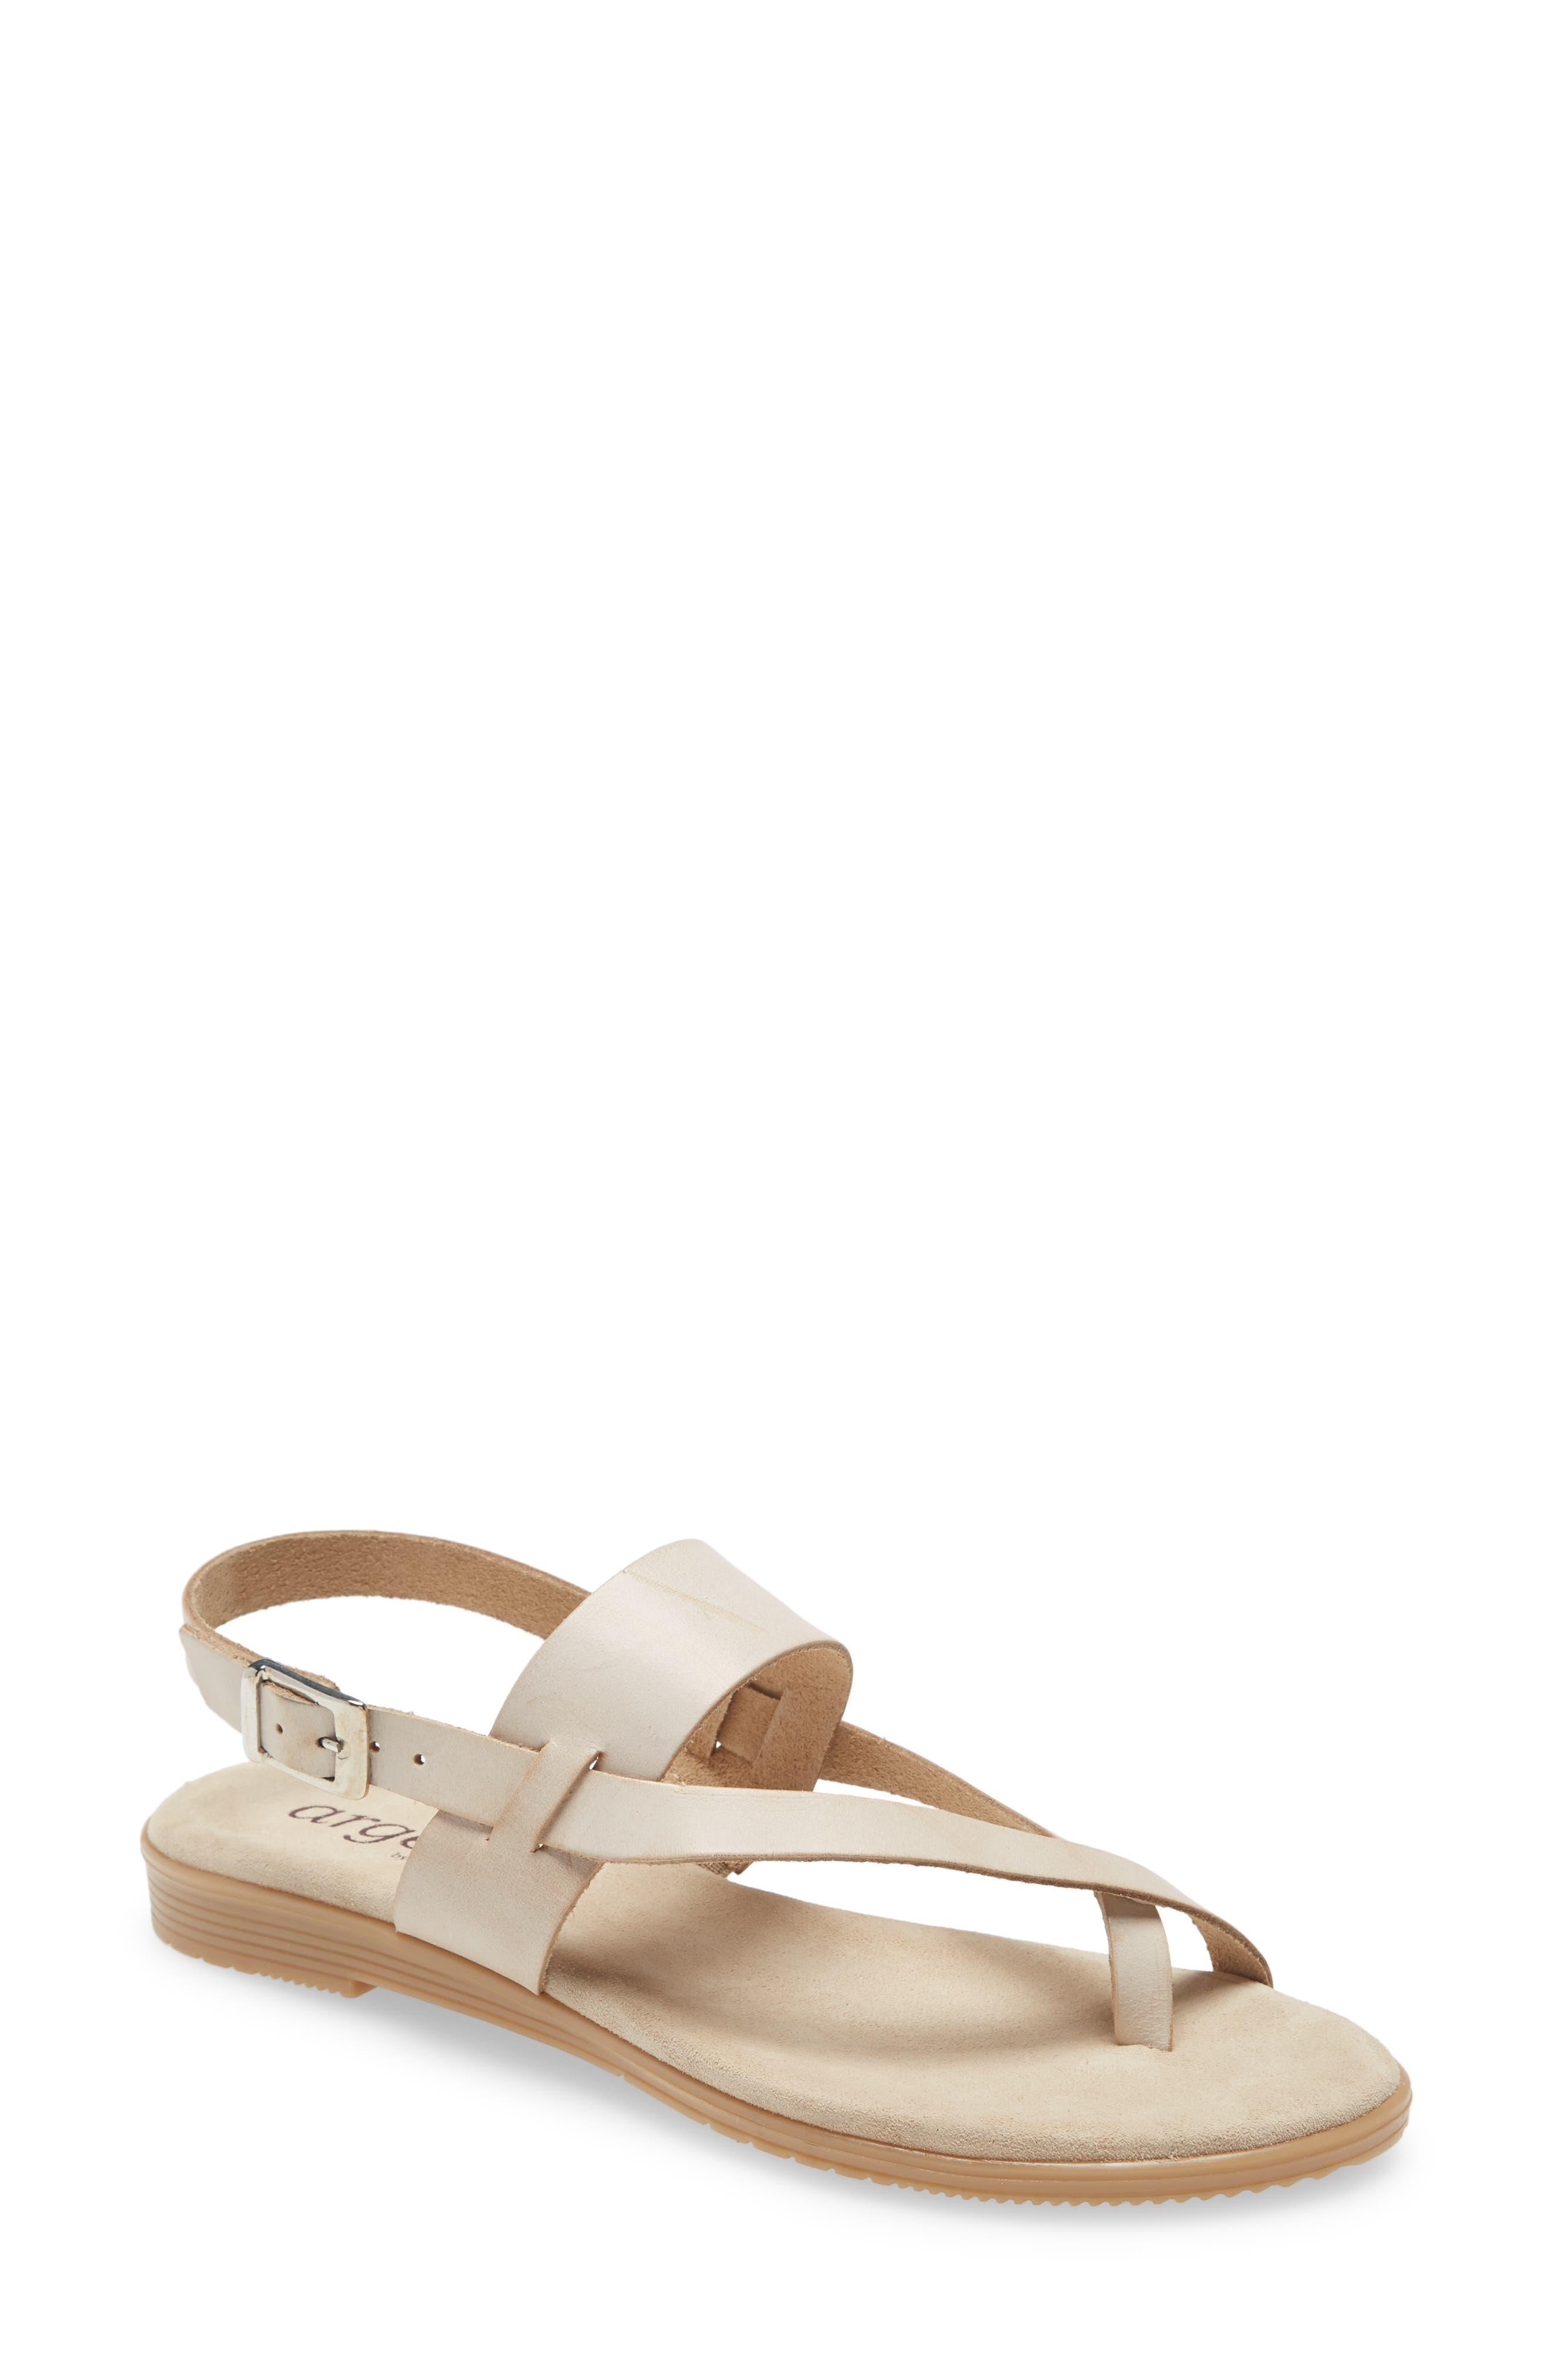 Gretta Slingback Sandal